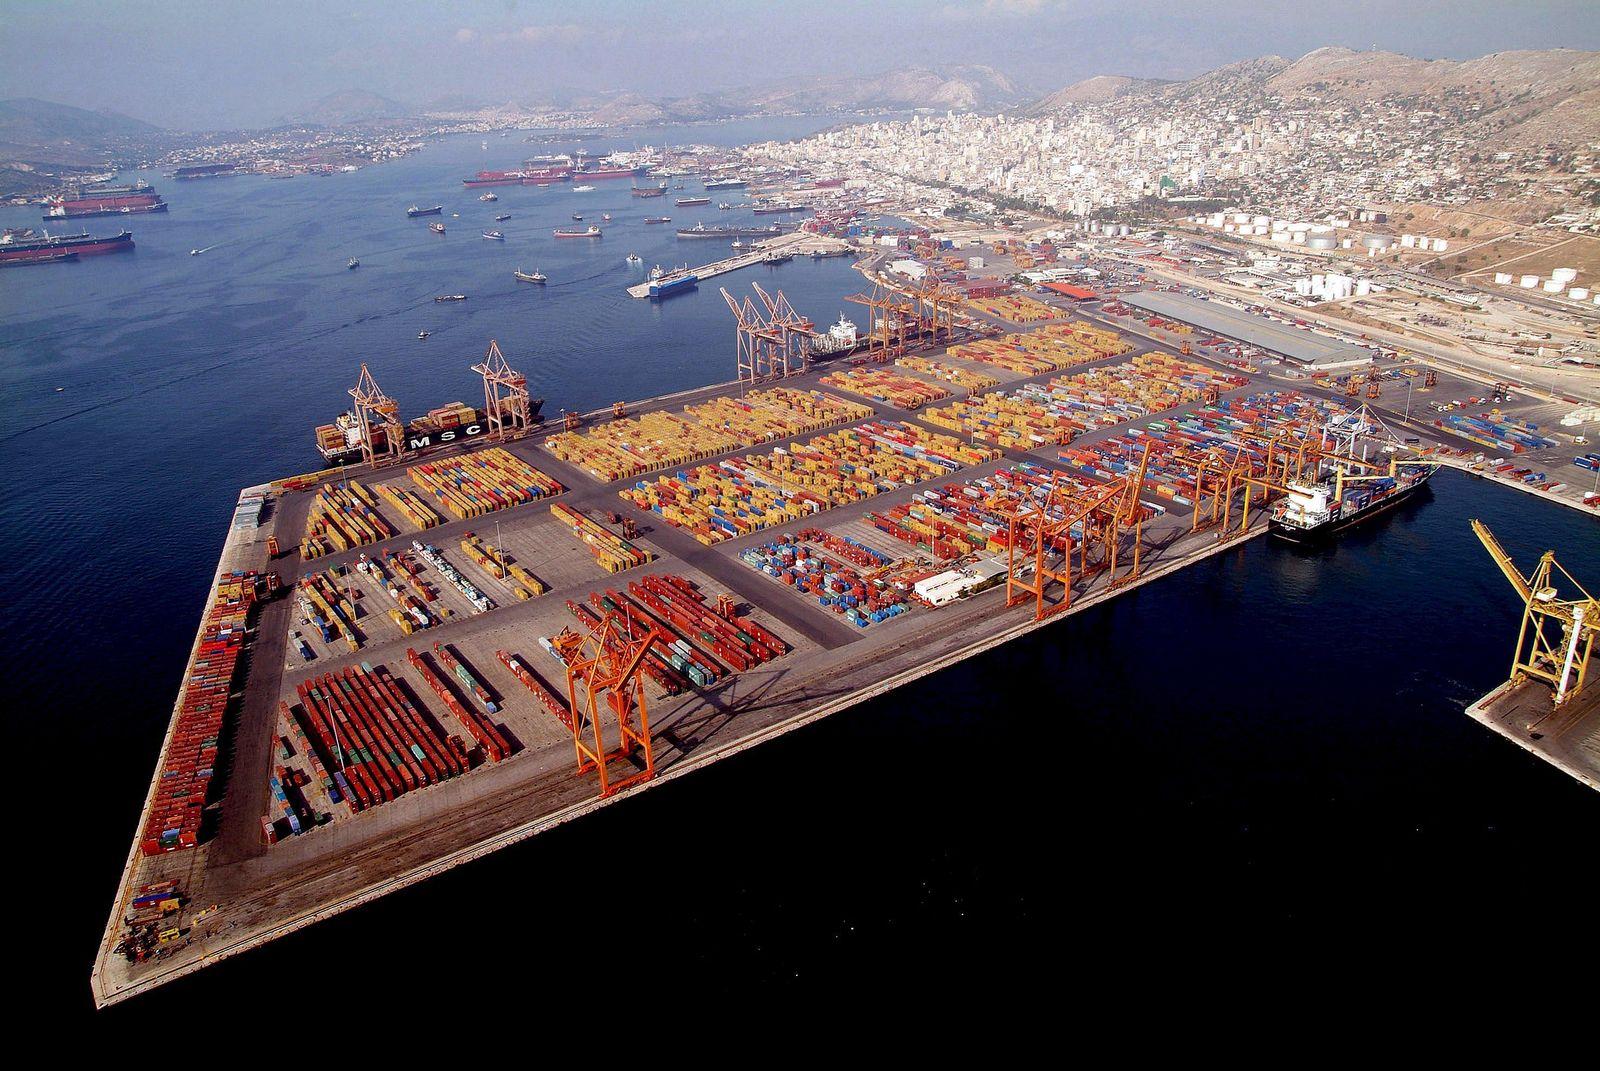 Proteste gegen geplante Hafen-Privatisierung in Griechenland erwartet